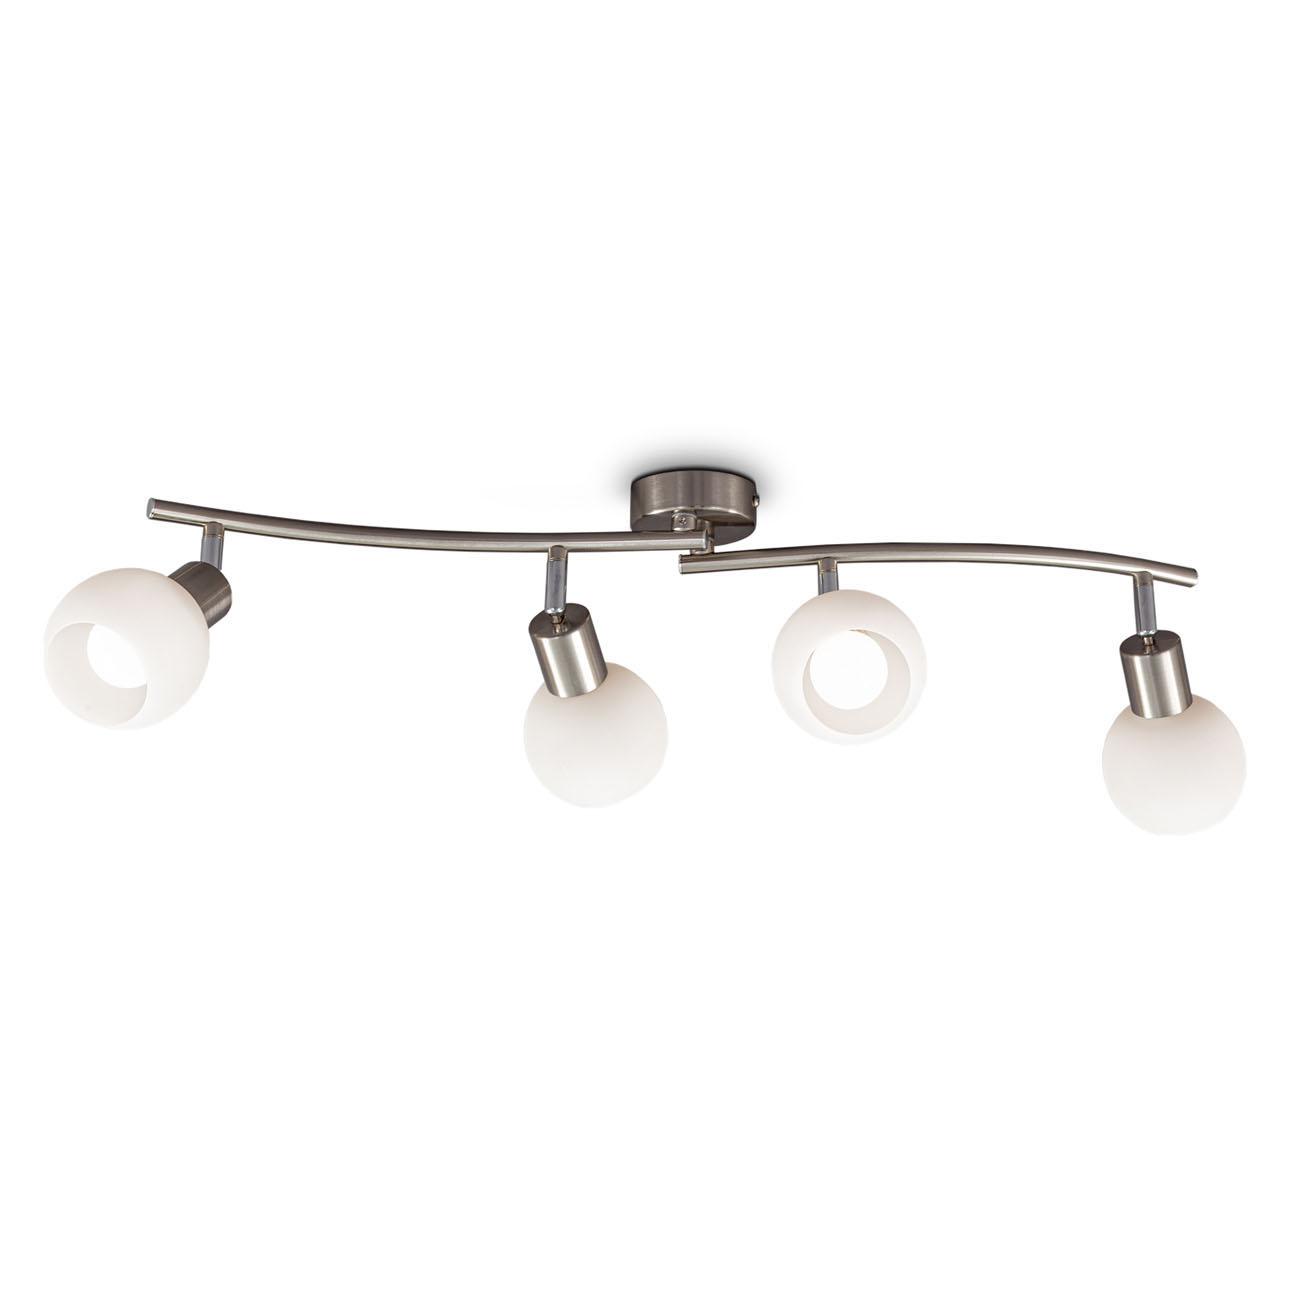 LED Deckenstrahler Deckenspot mit Opalglas 4-flammig